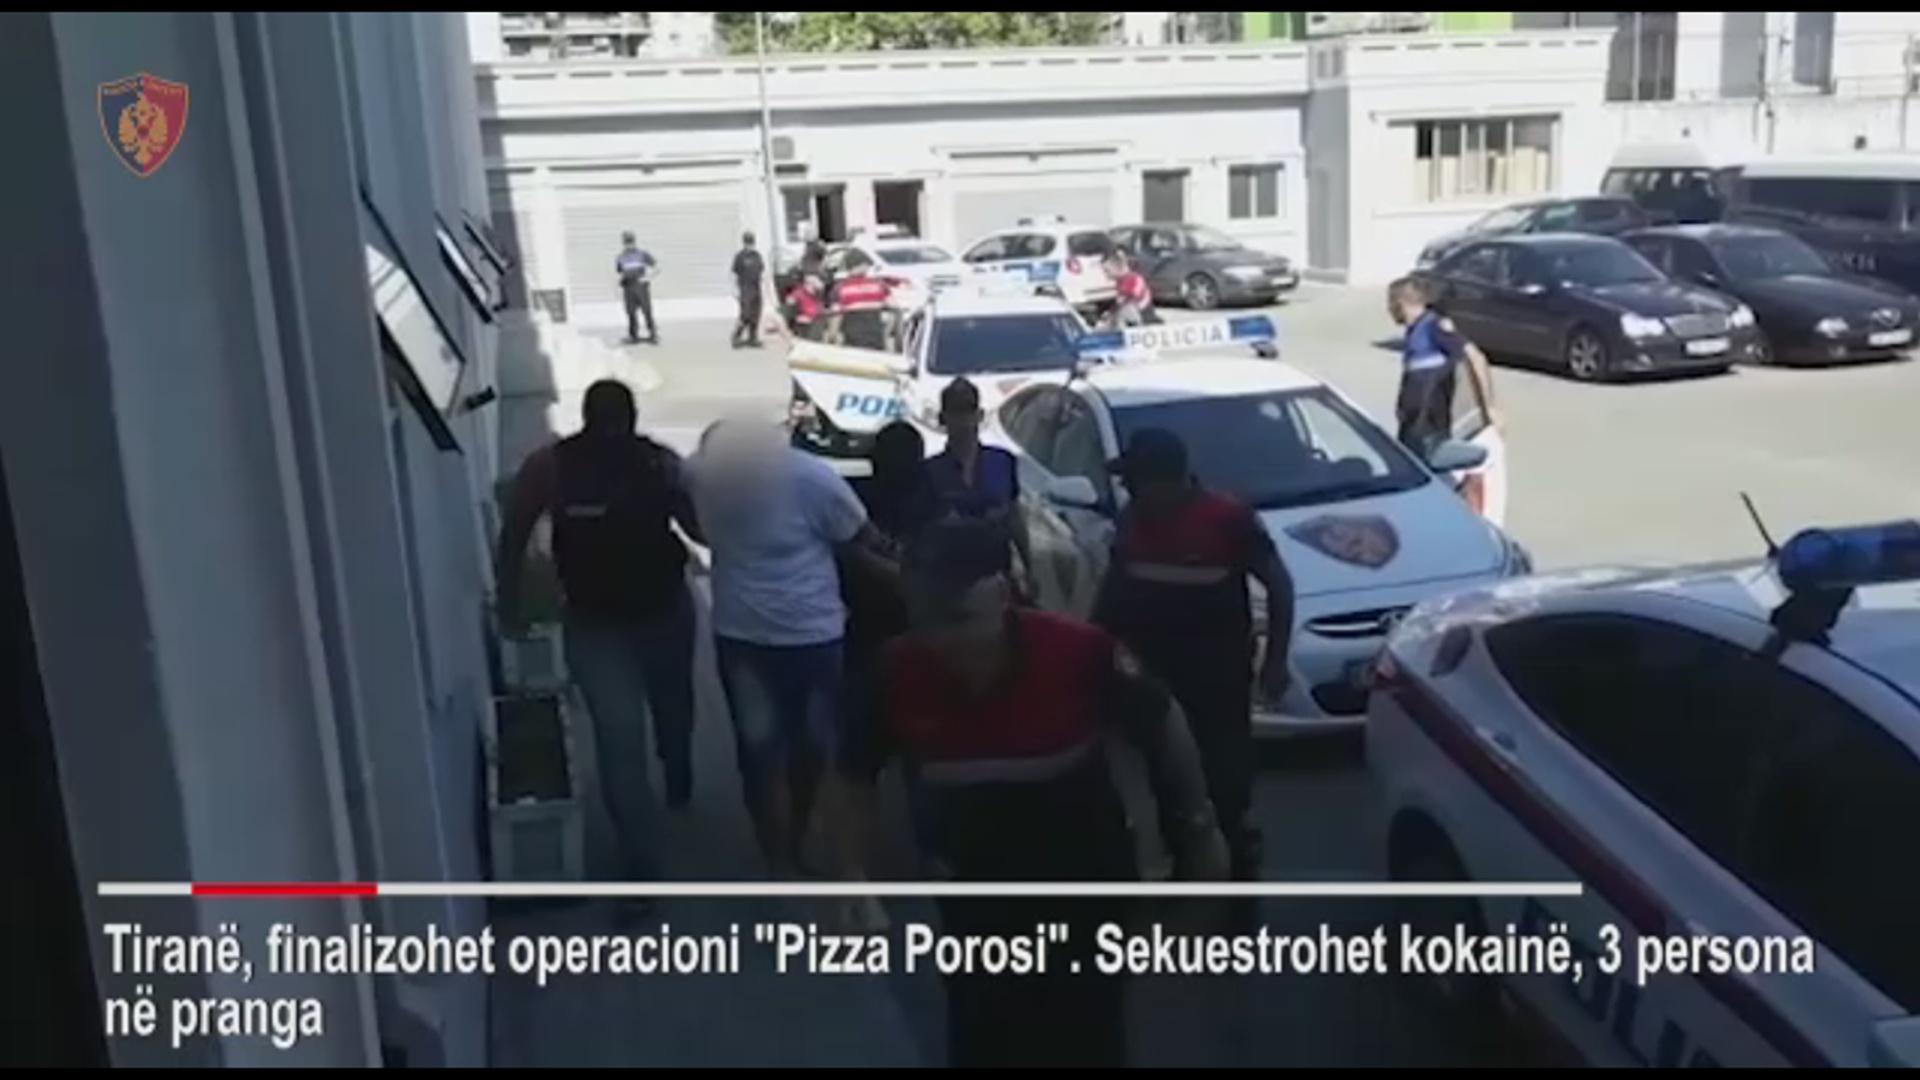 operacioni i policise54